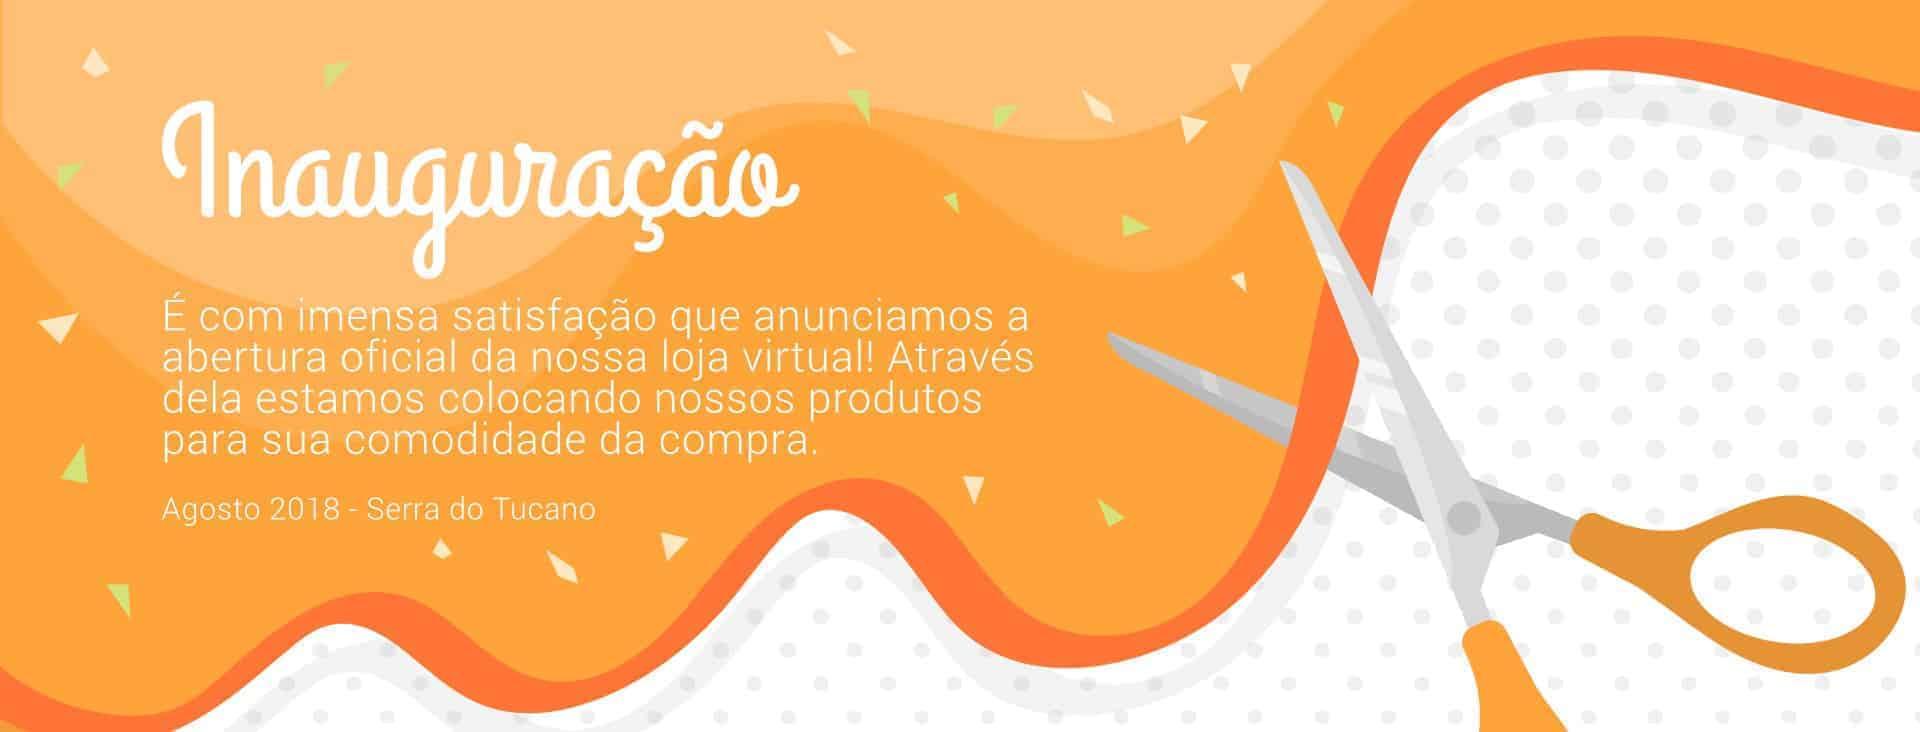 Inauguração da loja virtual da Serra do Tucano